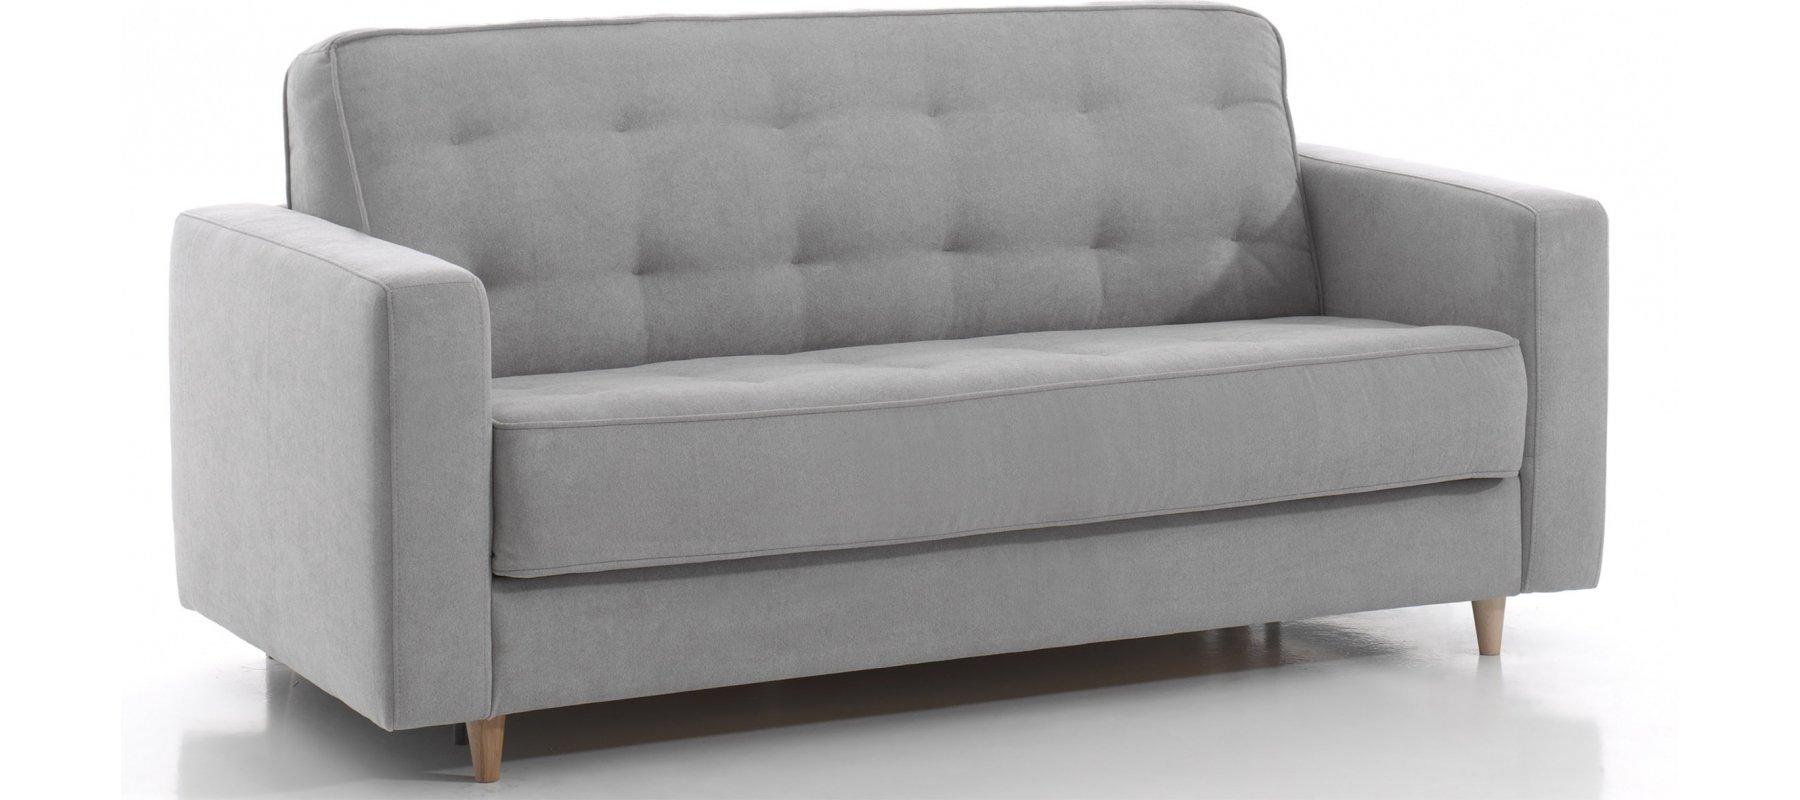 canap lit scandinave rapido 2 places avec couchage confortable 120. Black Bedroom Furniture Sets. Home Design Ideas